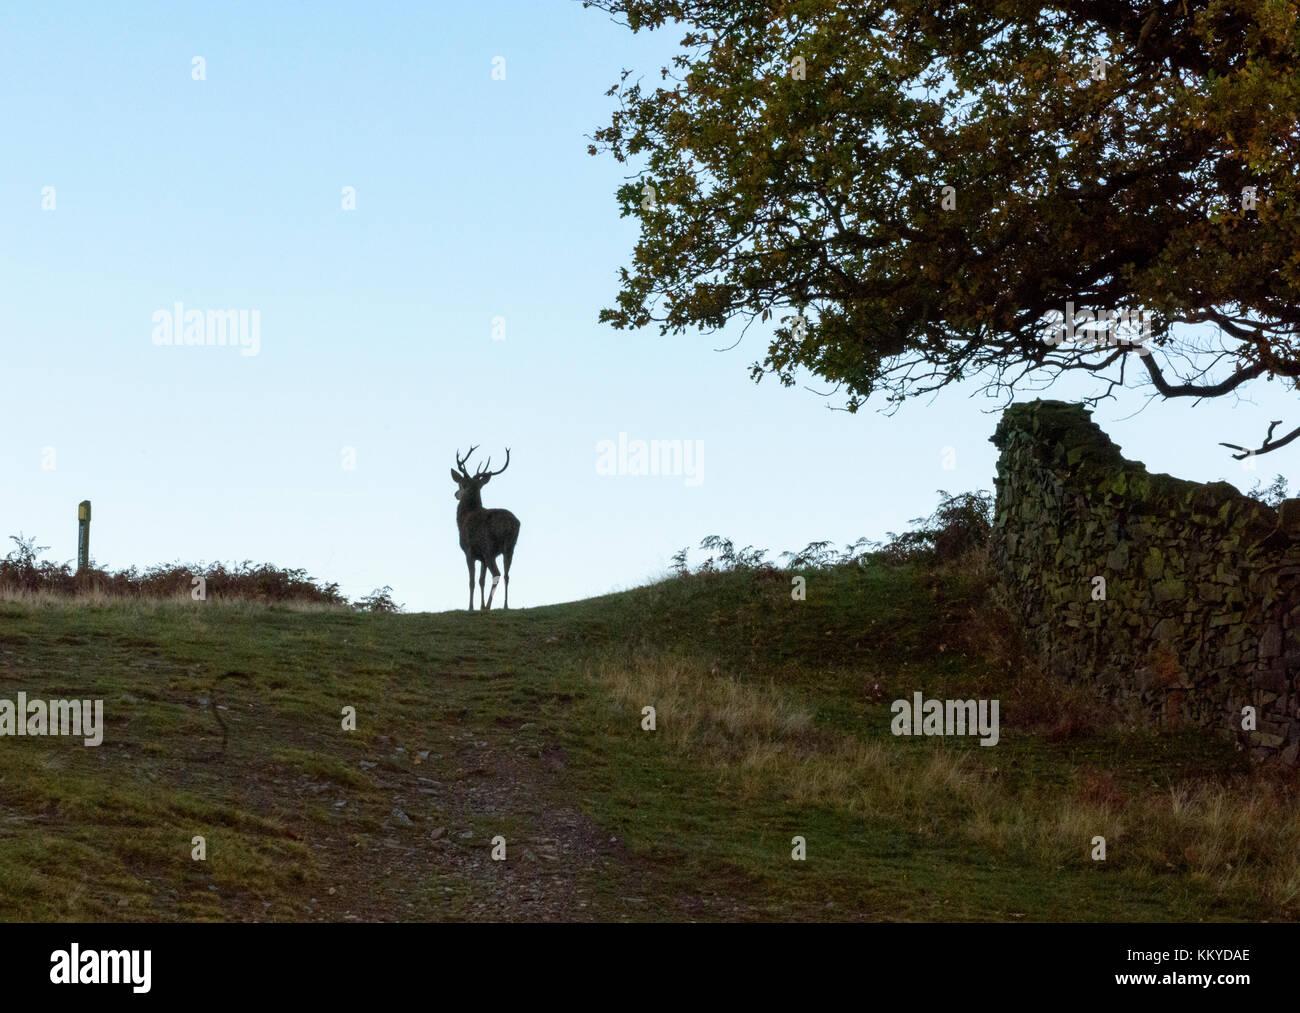 Roaming gratuito siluetas de ciervos en el parque Foto de stock